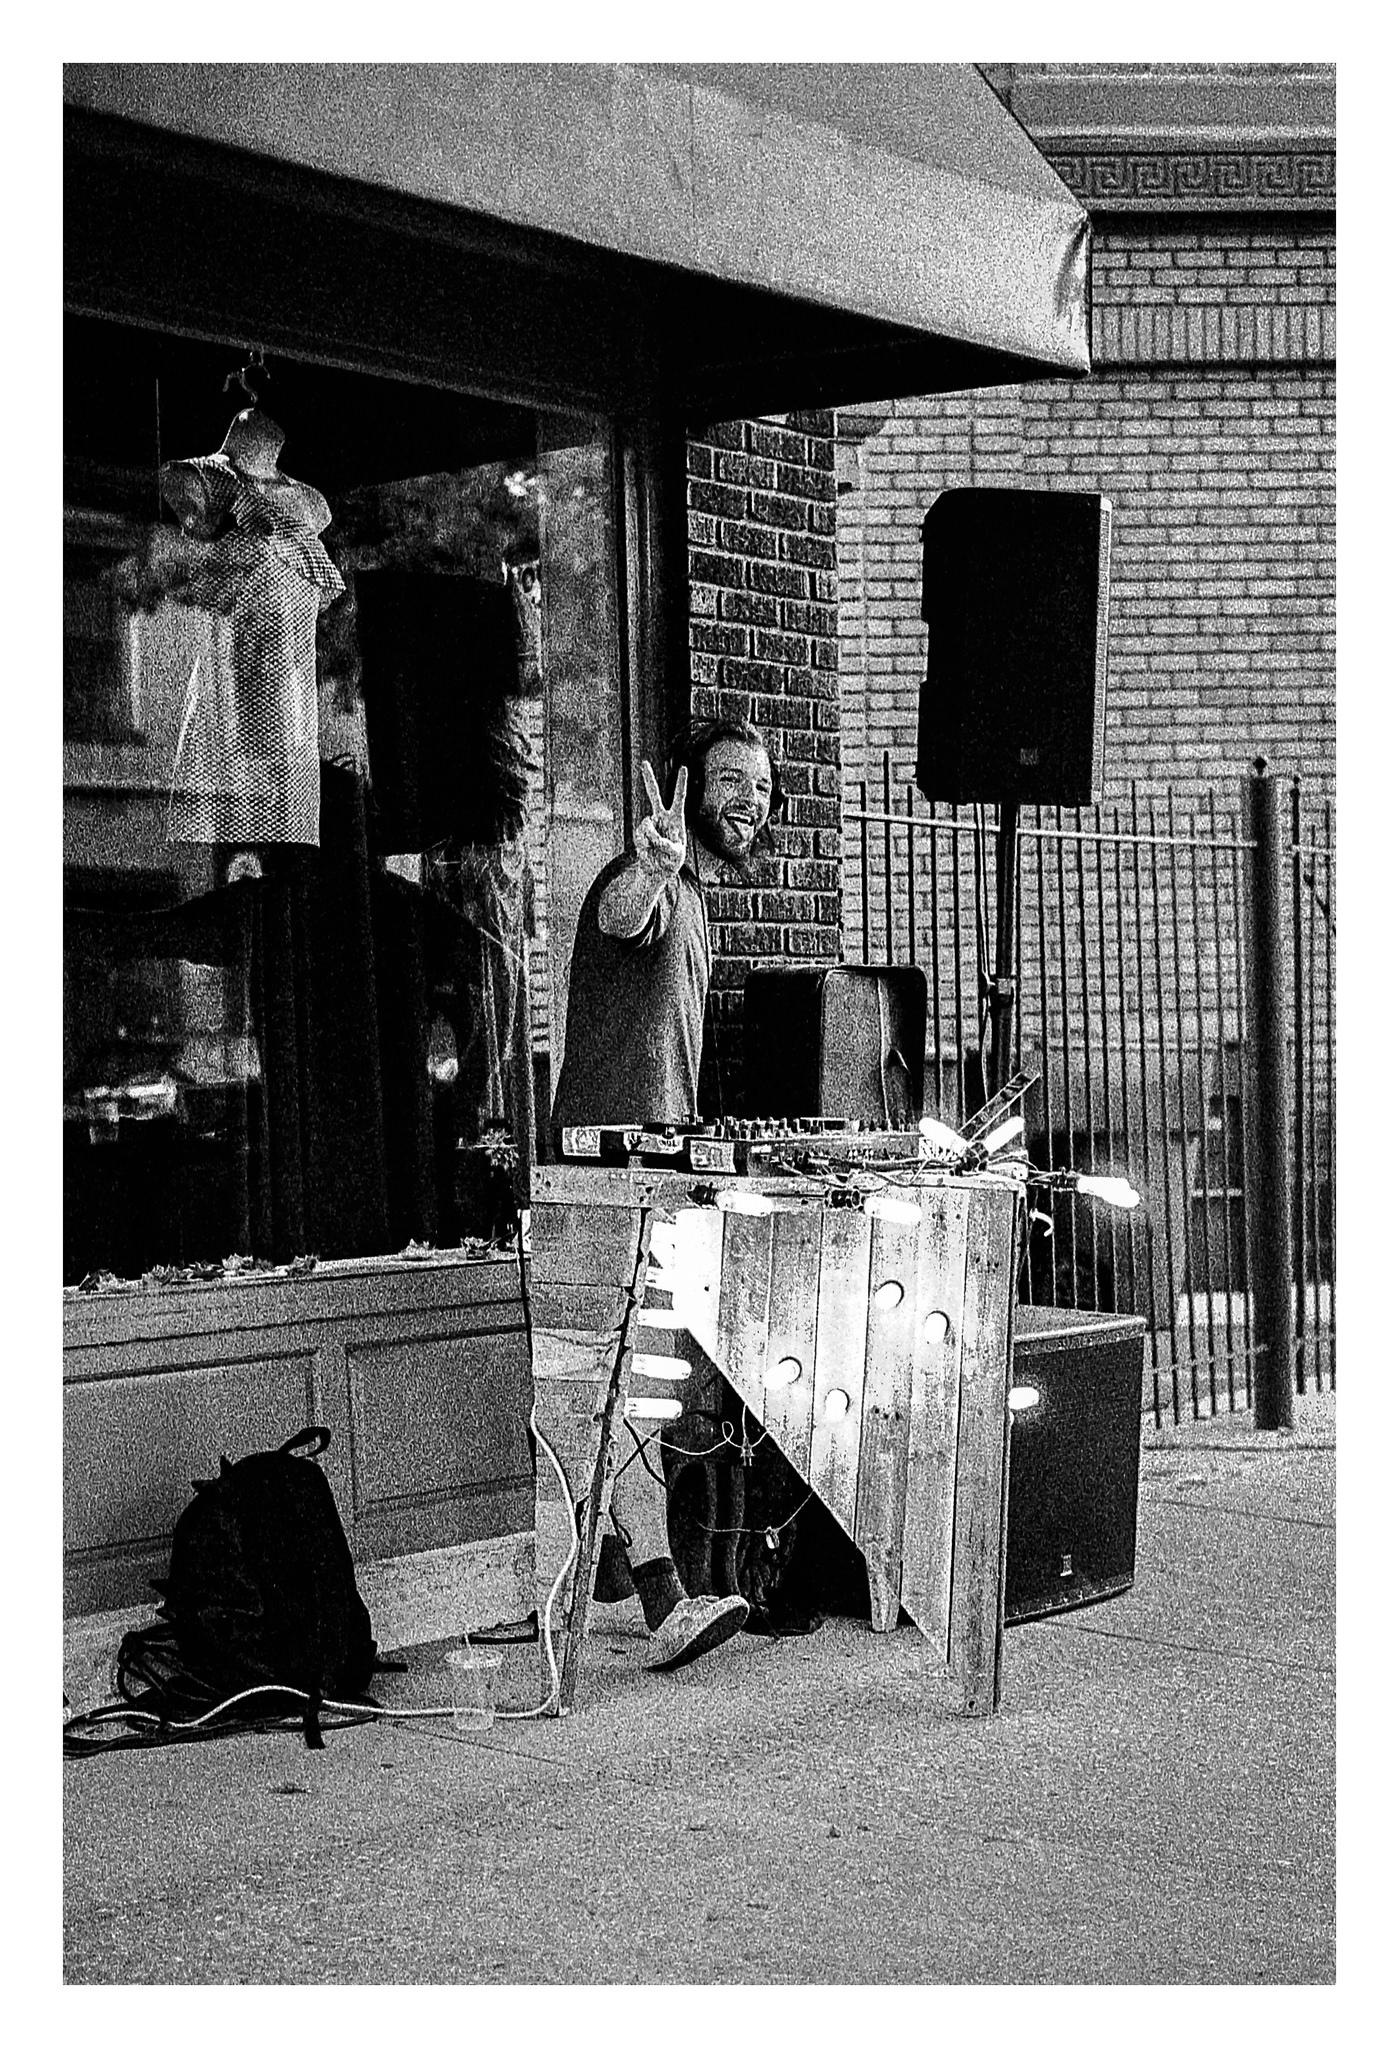 Sidewalk DJ - Nikon F5 with 50mm f/1.4 lens at f/2.8 in A-Priority mode on Kodak TMAX P3200 film